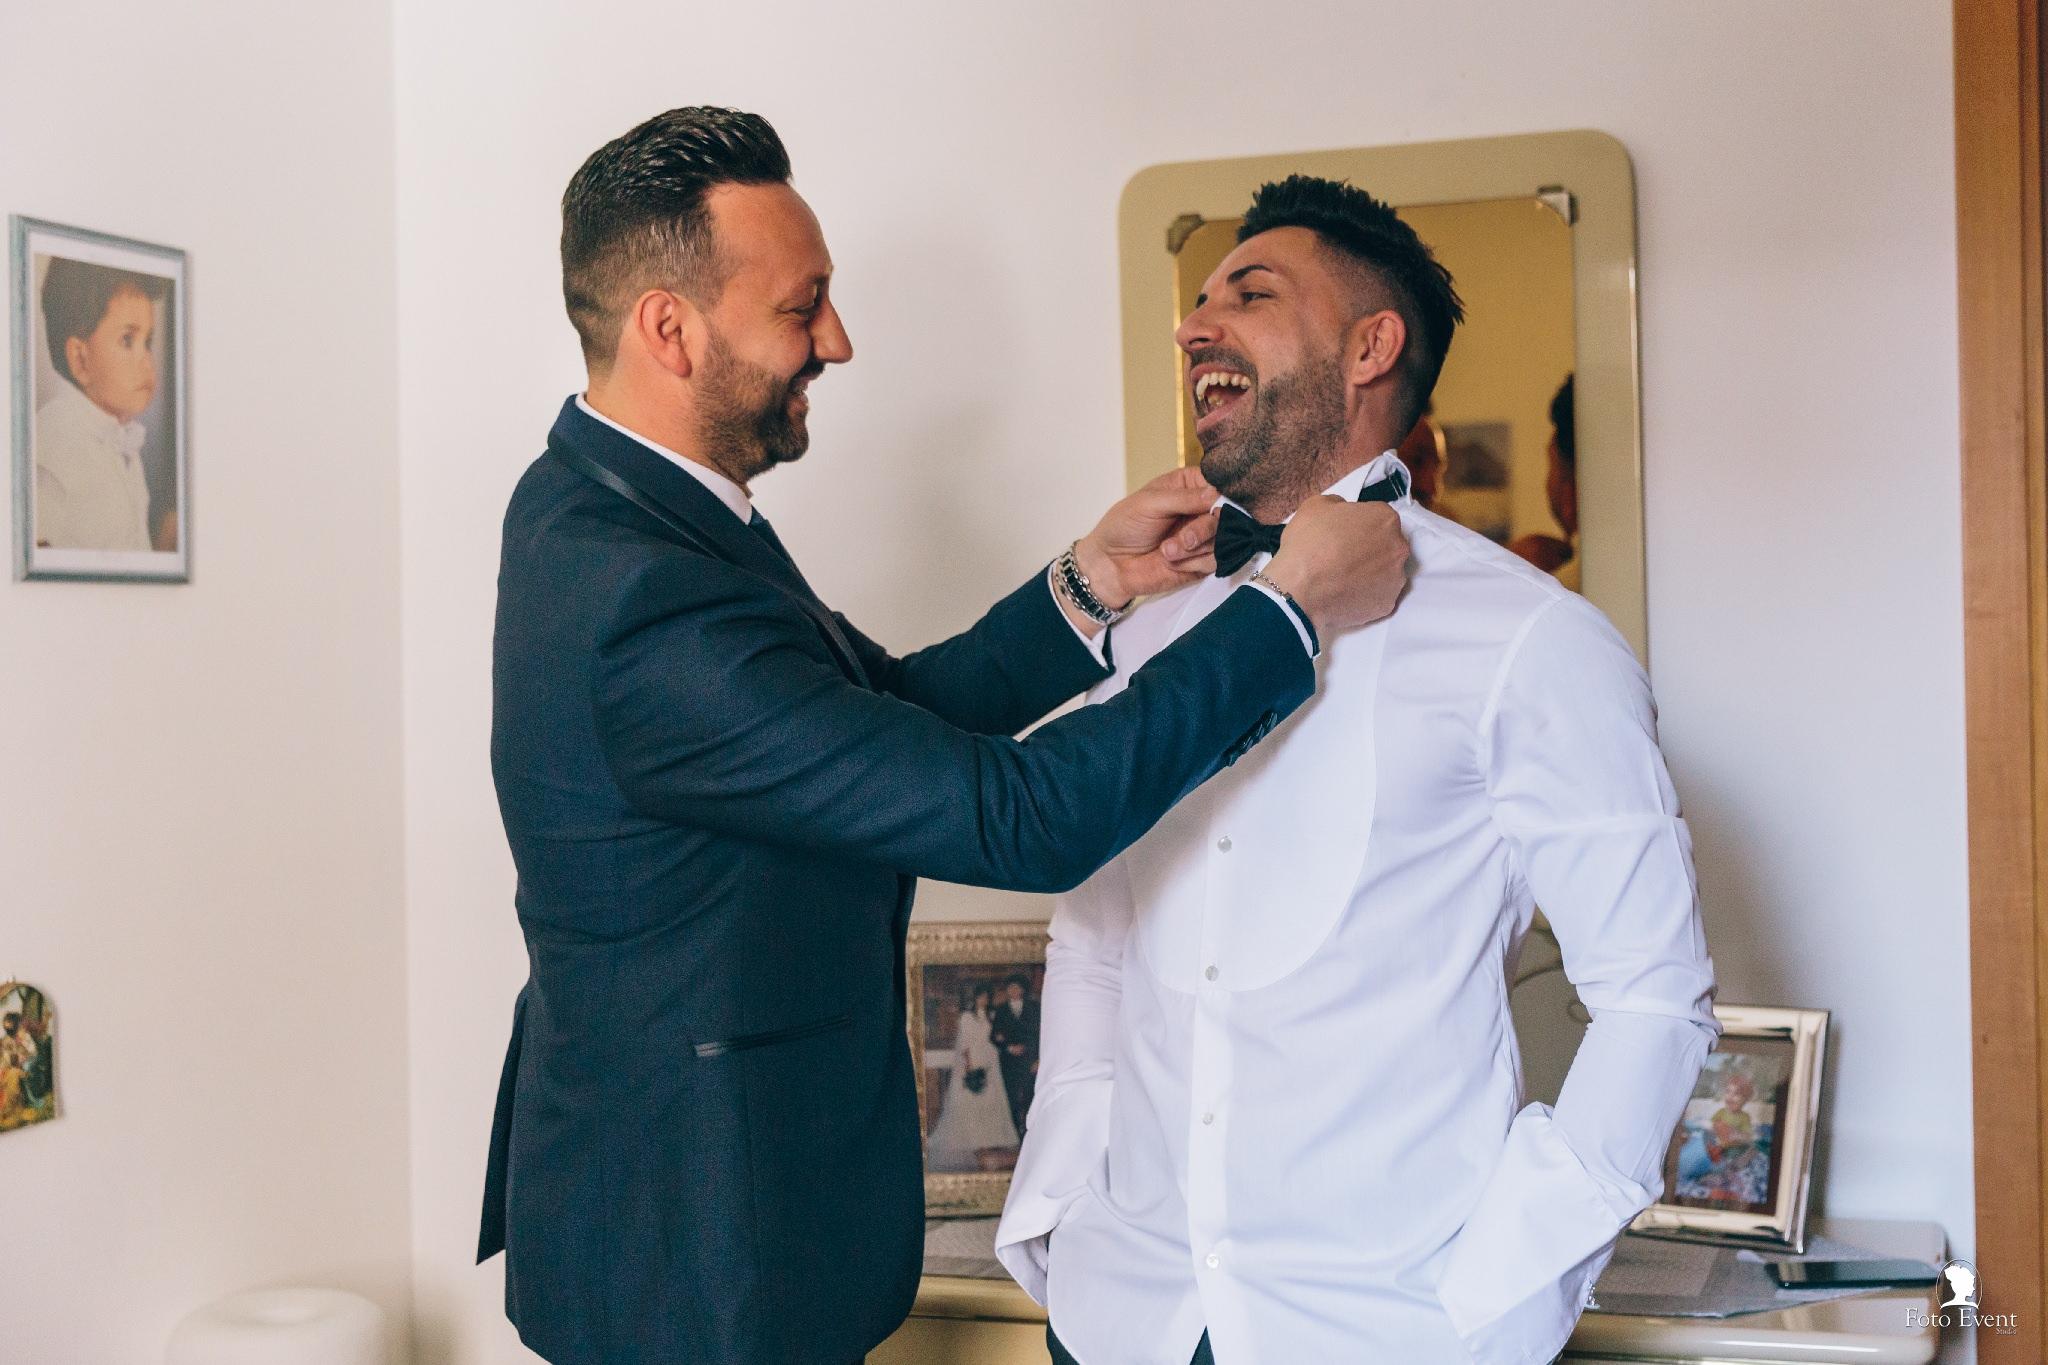 023-2019-05-09-Matrimonio-Maria-Concetta-e-Daniel-Gebbia-5DE-044